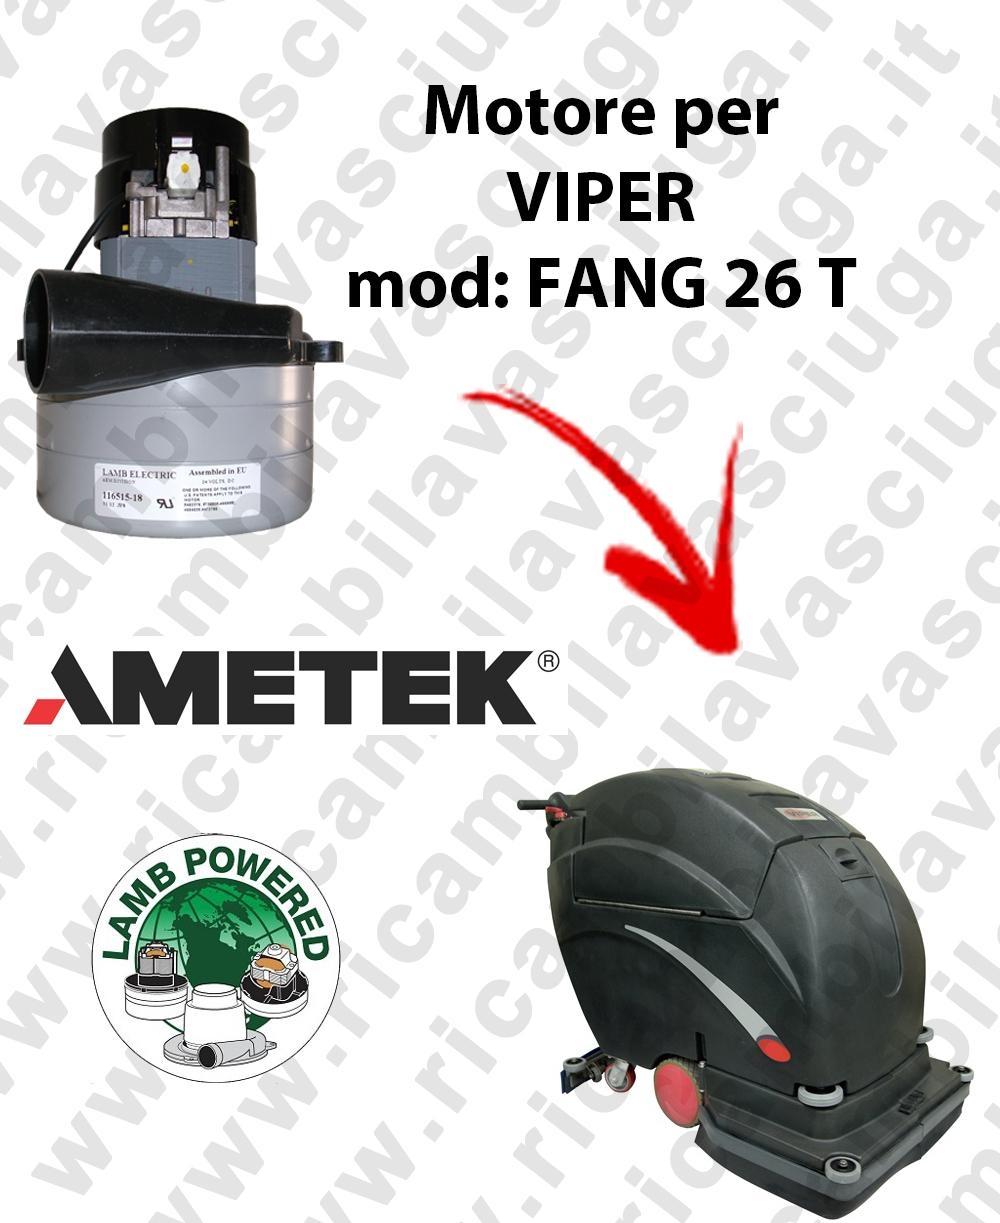 FANG 26 T Motore de aspiraciónLAMB AMETEK para fregadora VIPER